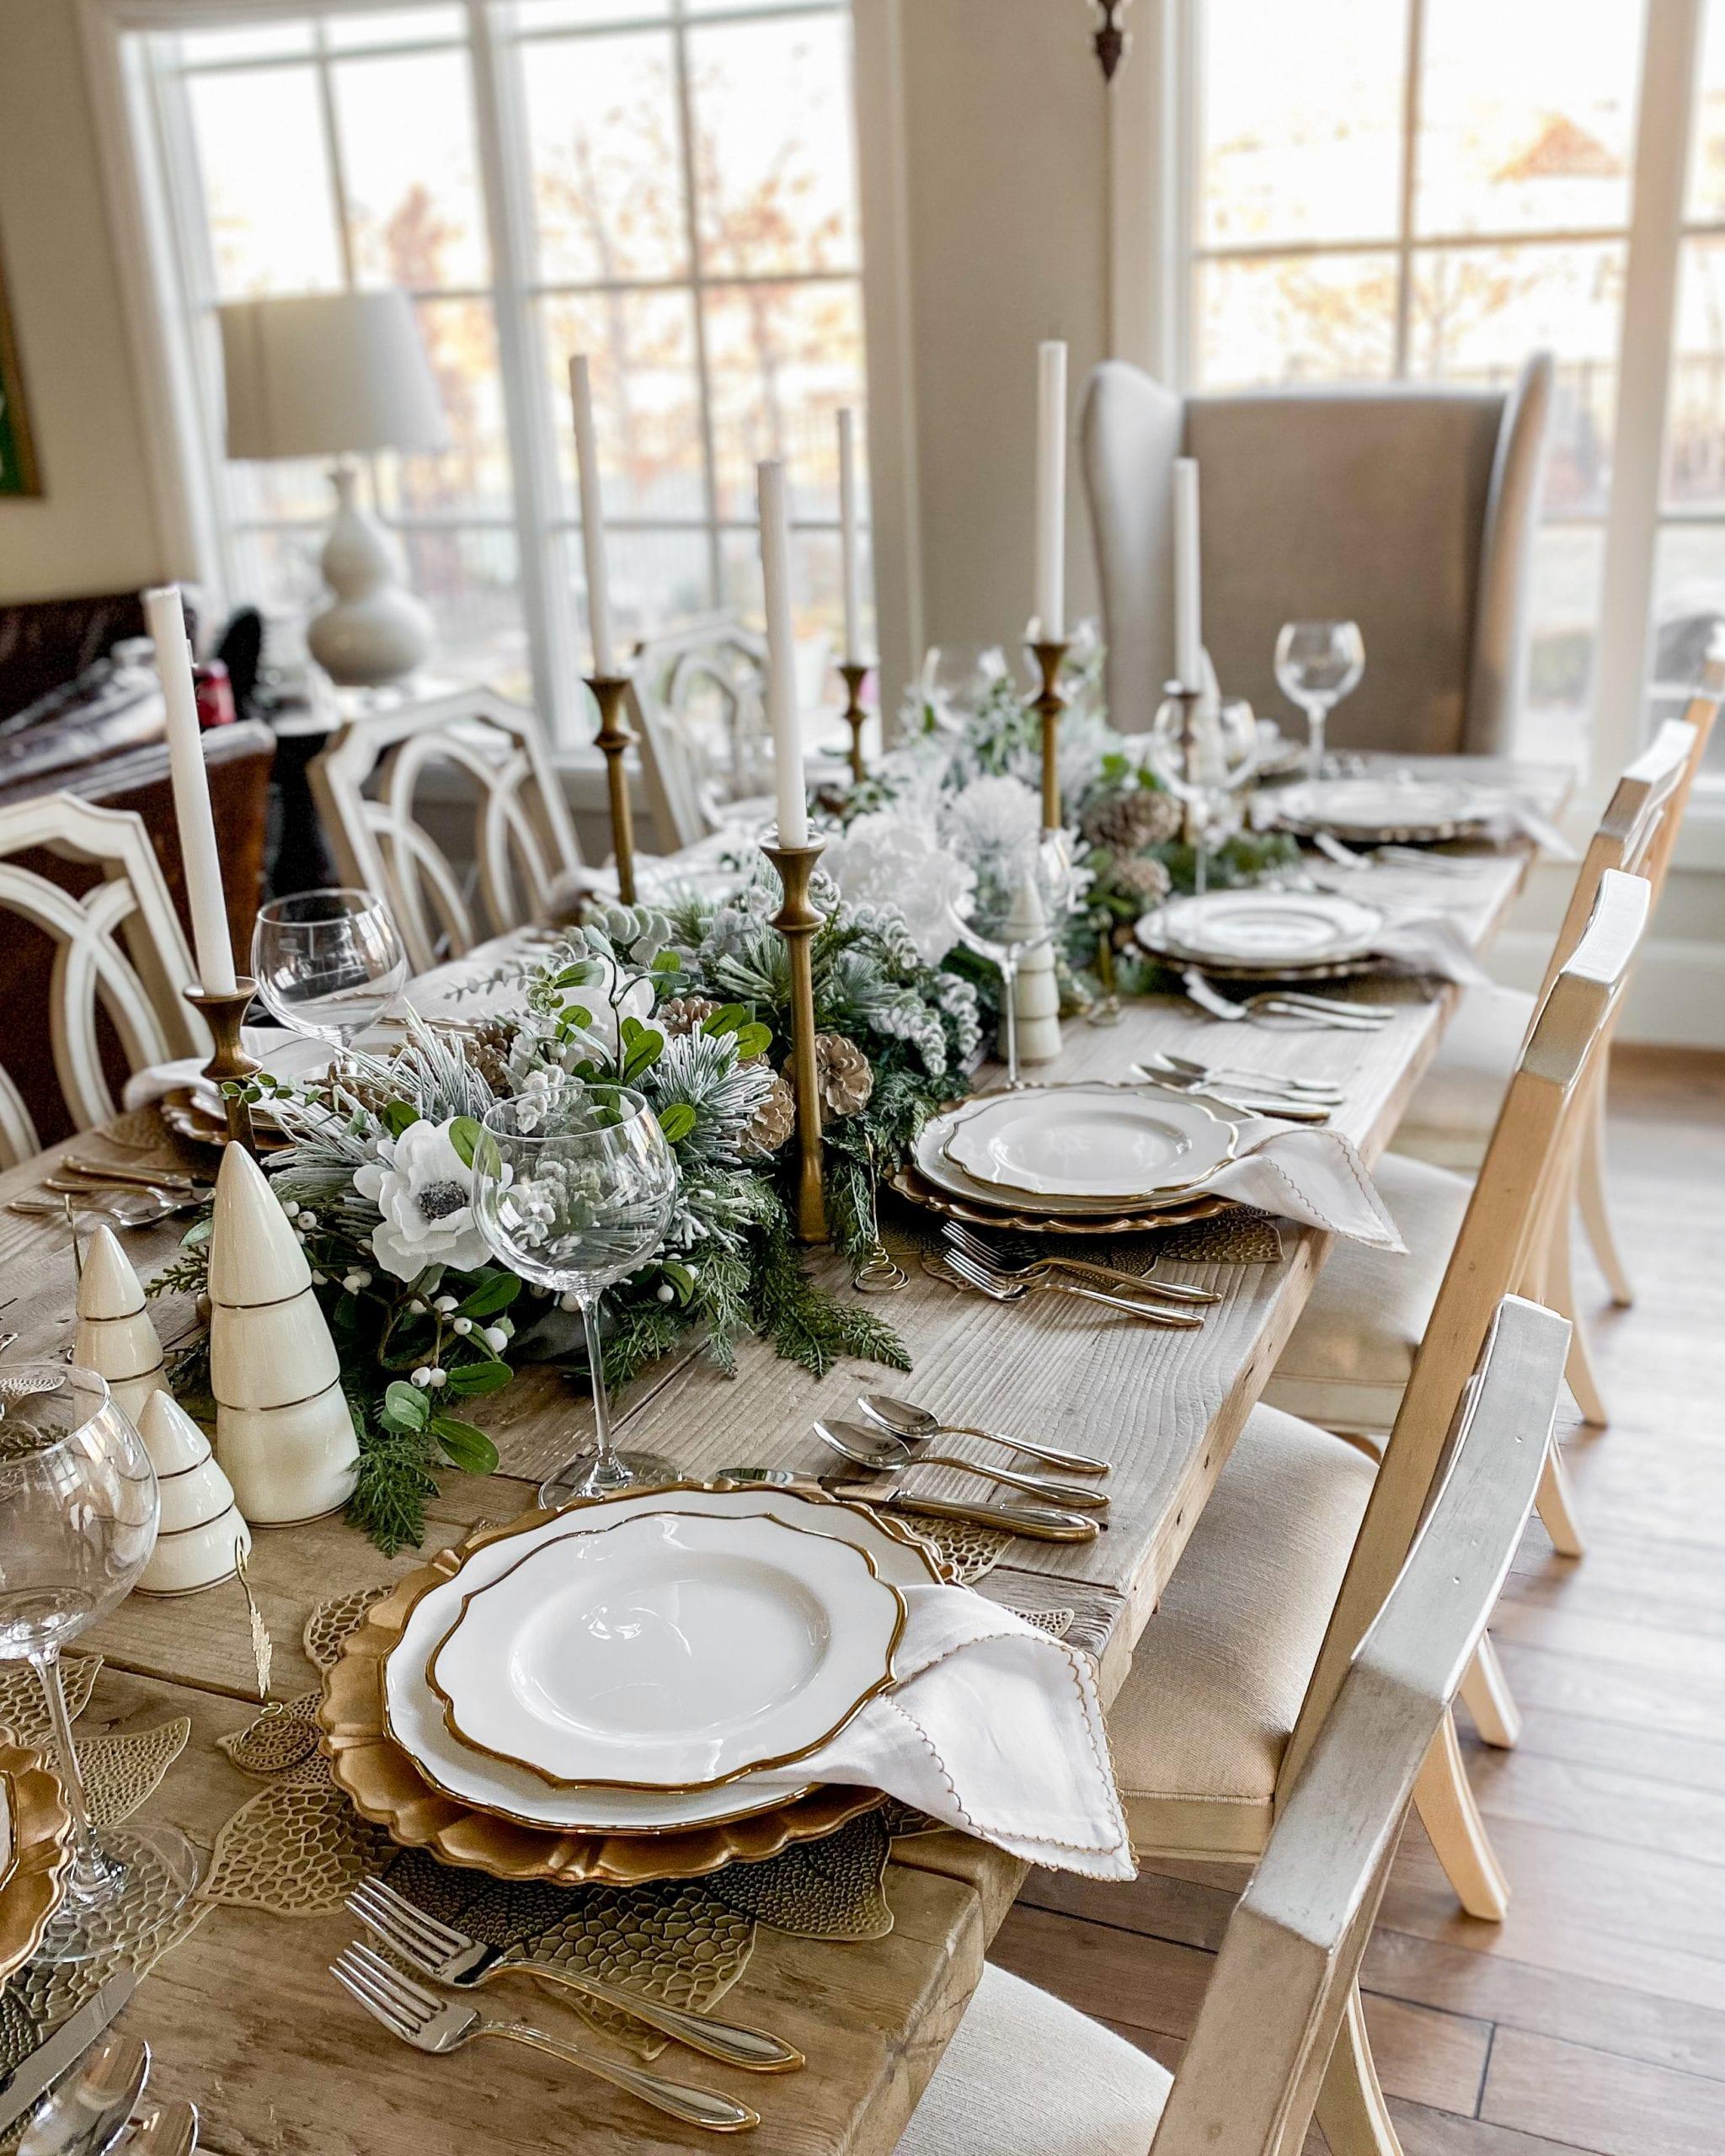 Lenox dinnerware contempo luxe pattern